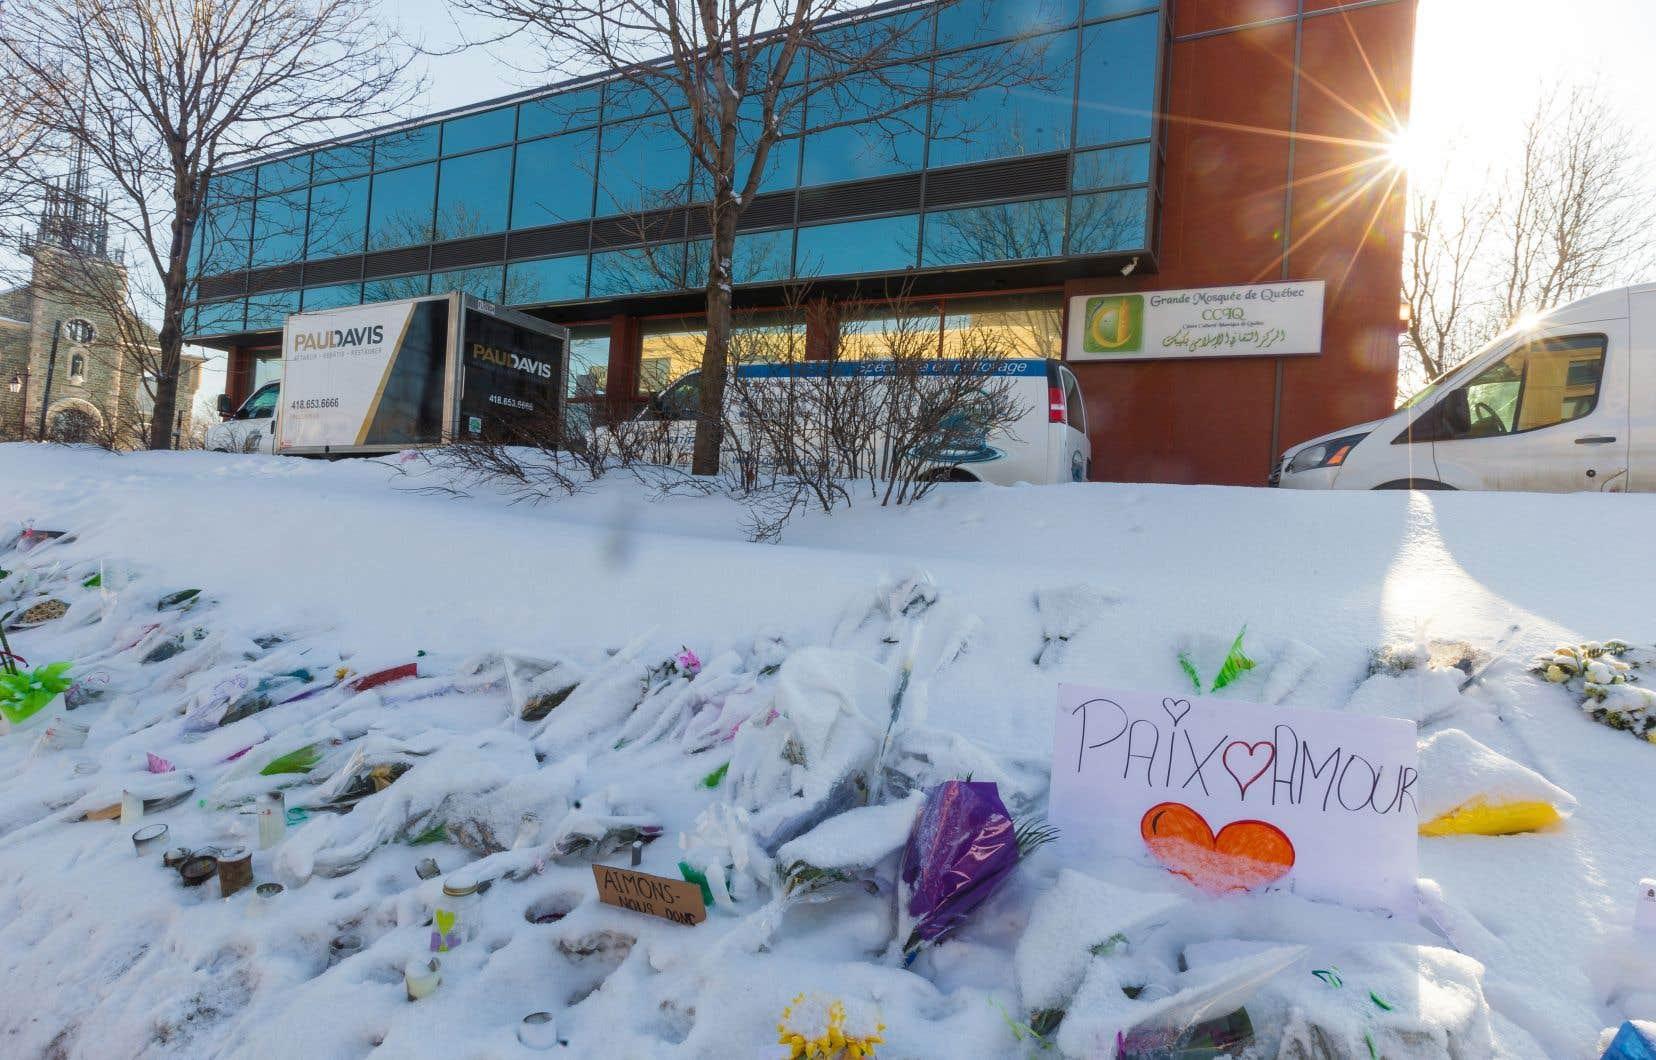 La Couronne croit que le contenu de la vidéo pose un «risque extrêmement important» de traumatisme pour les victimes de l'attentat et leurs familles.